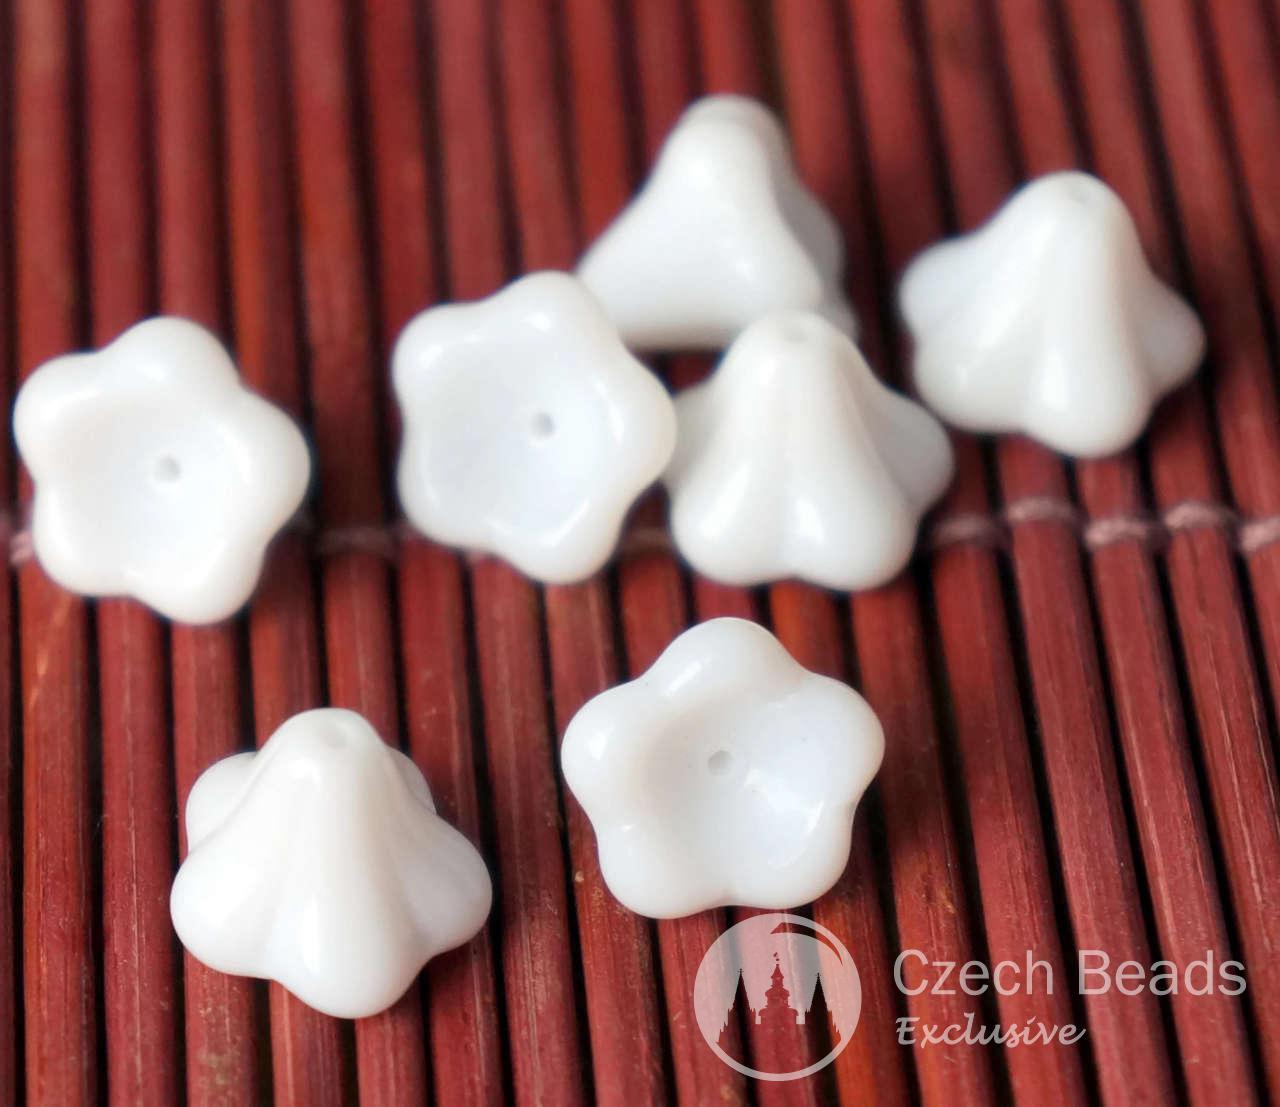 Large Opaque White Bell Flower Czech Glass Beads Bohemian 10mm x 13mm 8pcs